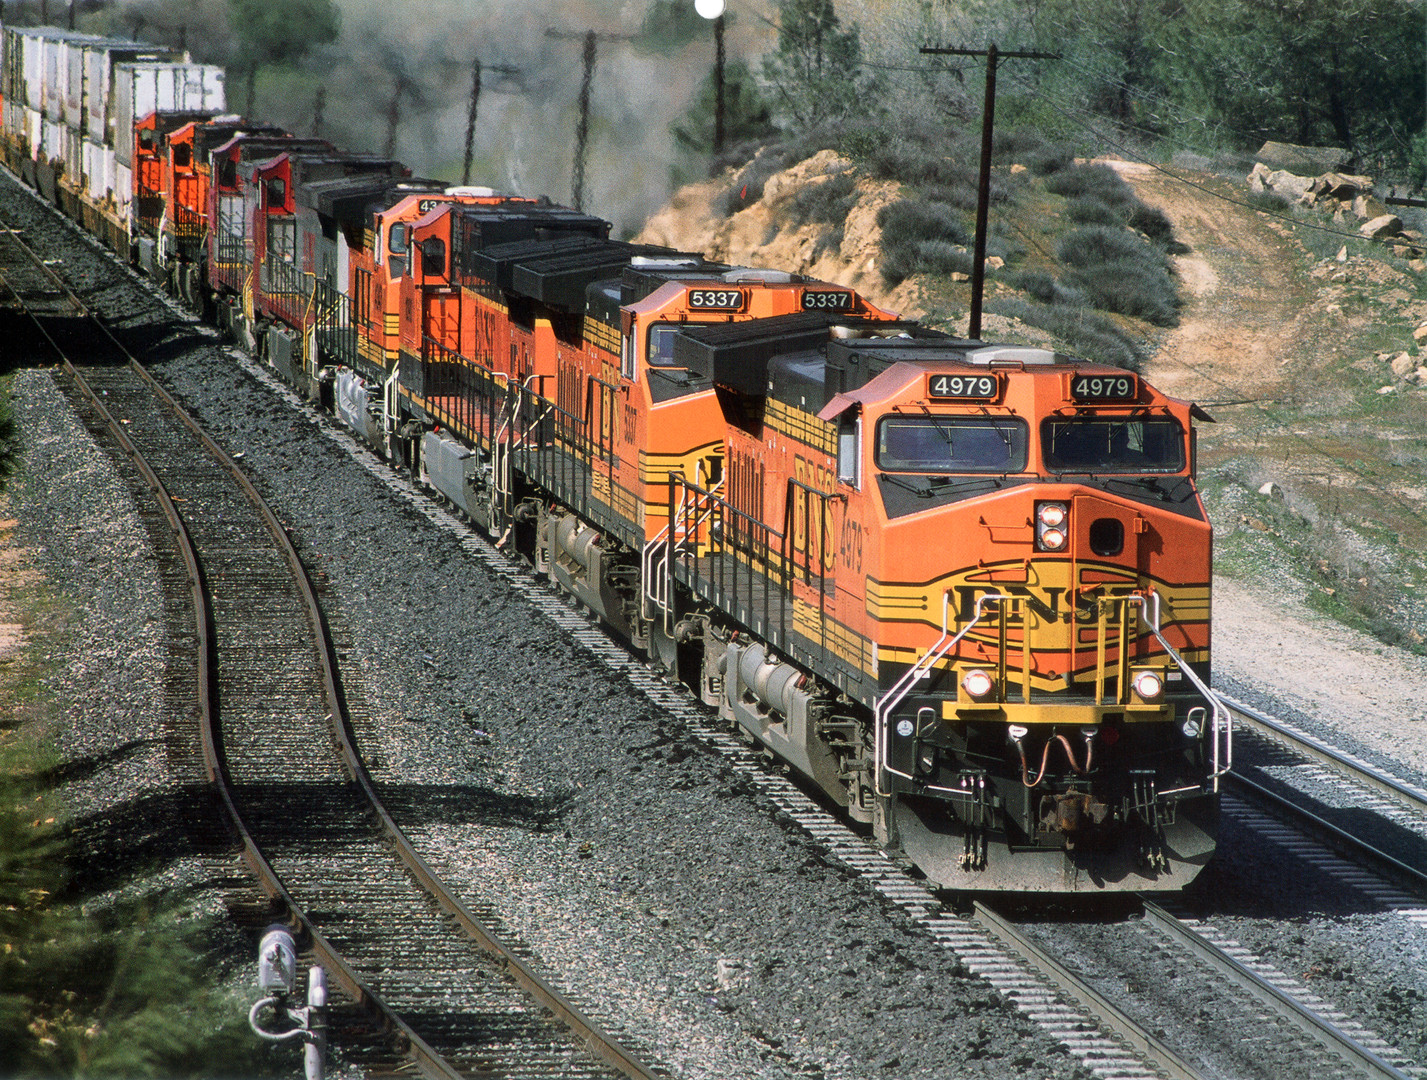 BNSF RAILWAYS